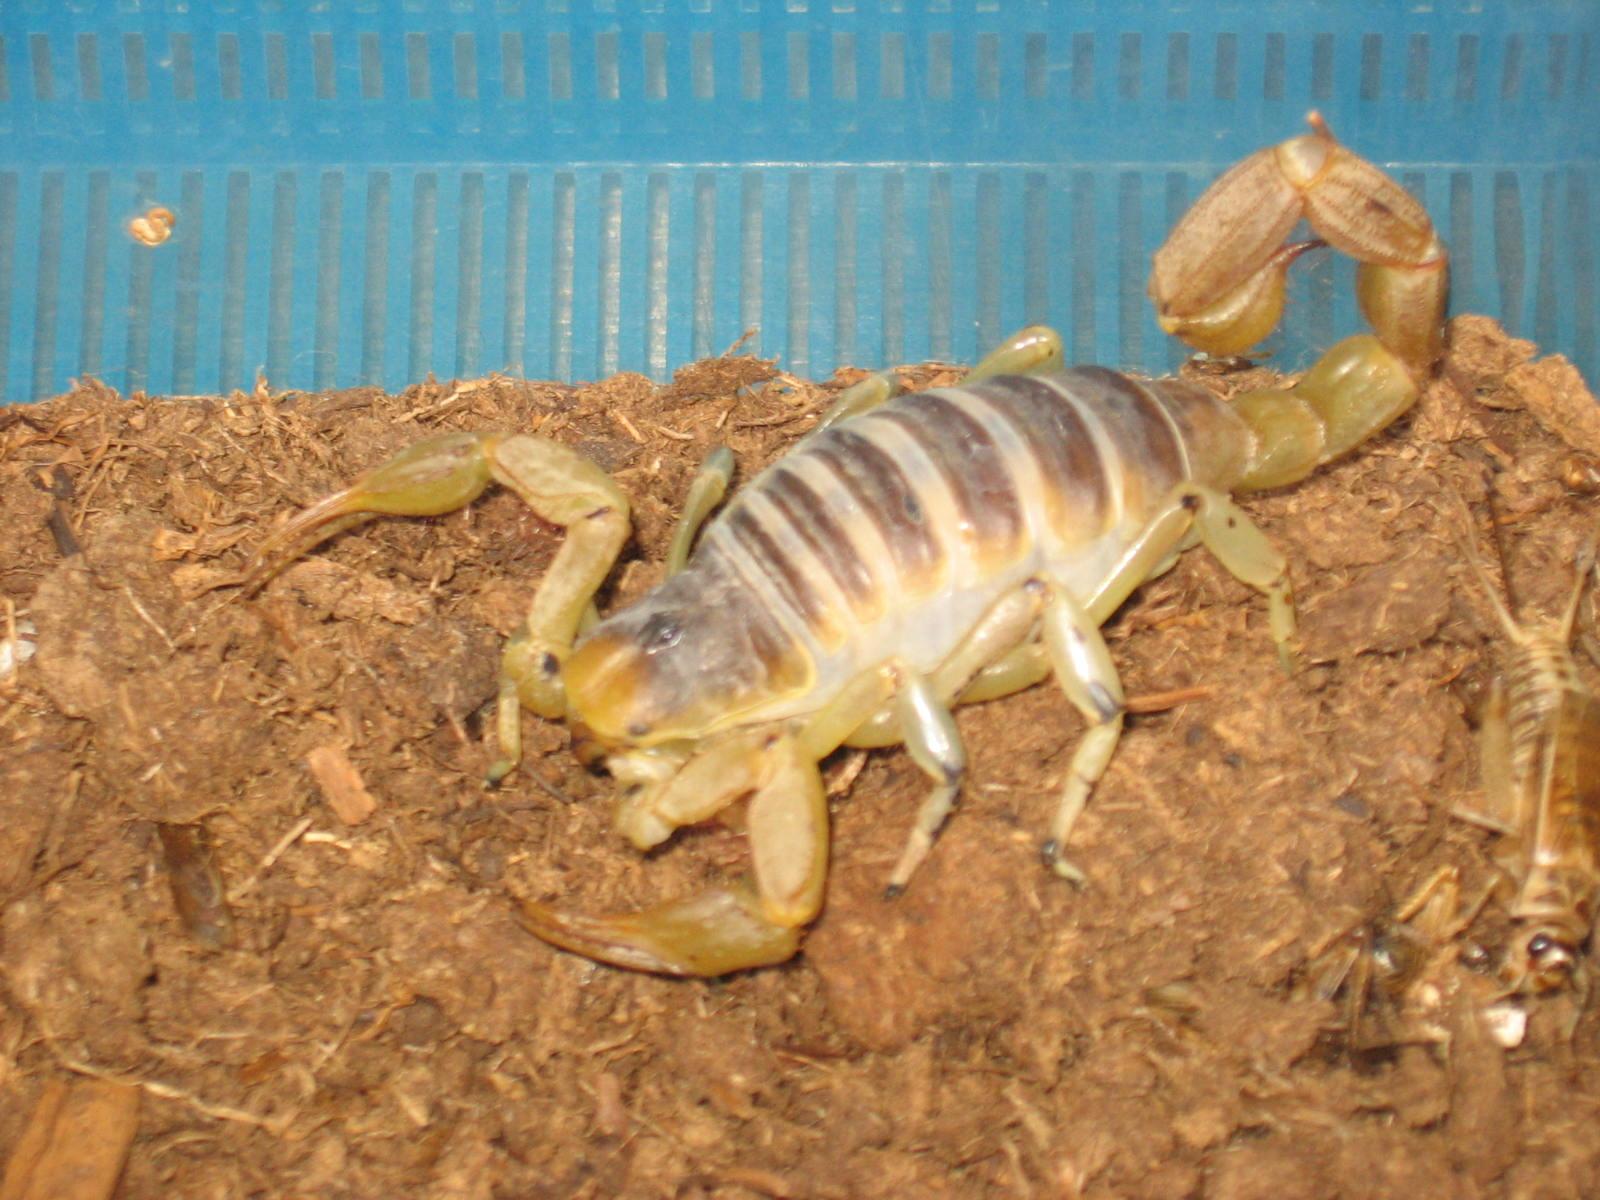 King scorpion animal - photo#49